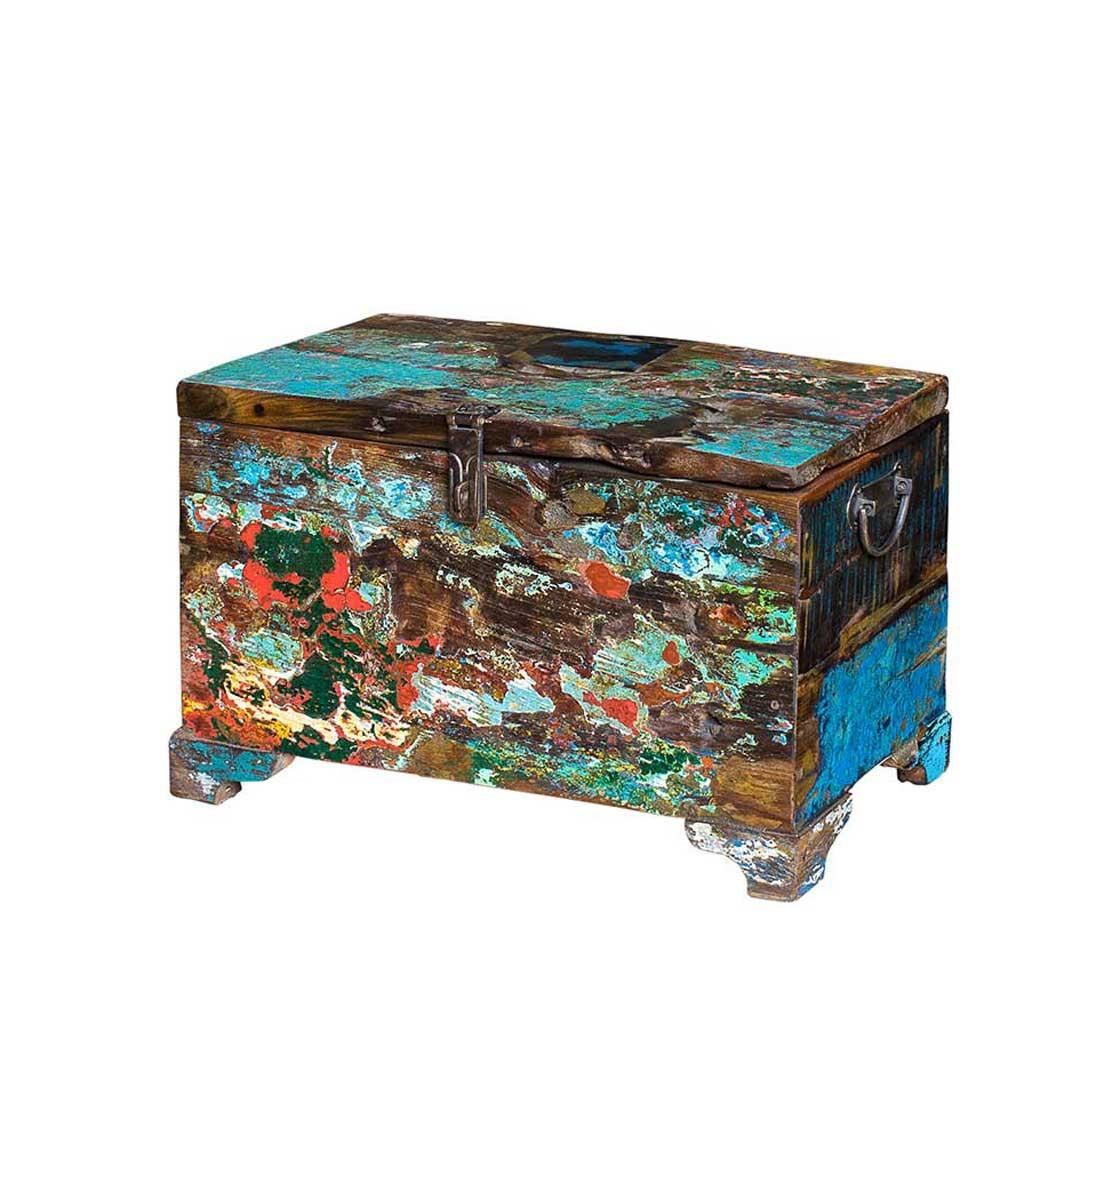 Сундук ГалаСтаринные сундуки<br>Сундук для хранения вещей, выполненный из старой рыбацкой лодки с сохранением оригинальной многослойной окраски. Имеет откидывающуюся дверцу с замком. Подходит для использования как внутри помещения, так и снаружи. Сборка не требуется. Предмет изготовлен из ценных твердых пород древесины (тик, махогон, суар), обладающих высокой износостойкостью, долговечностью и водоотталкивающими свойствами. Подходит для использования как внутри помещения, так и снаружи. Покрыт натуральным шеллаком.<br><br>Material: Тик<br>Width см: 50<br>Depth см: 25<br>Height см: 25